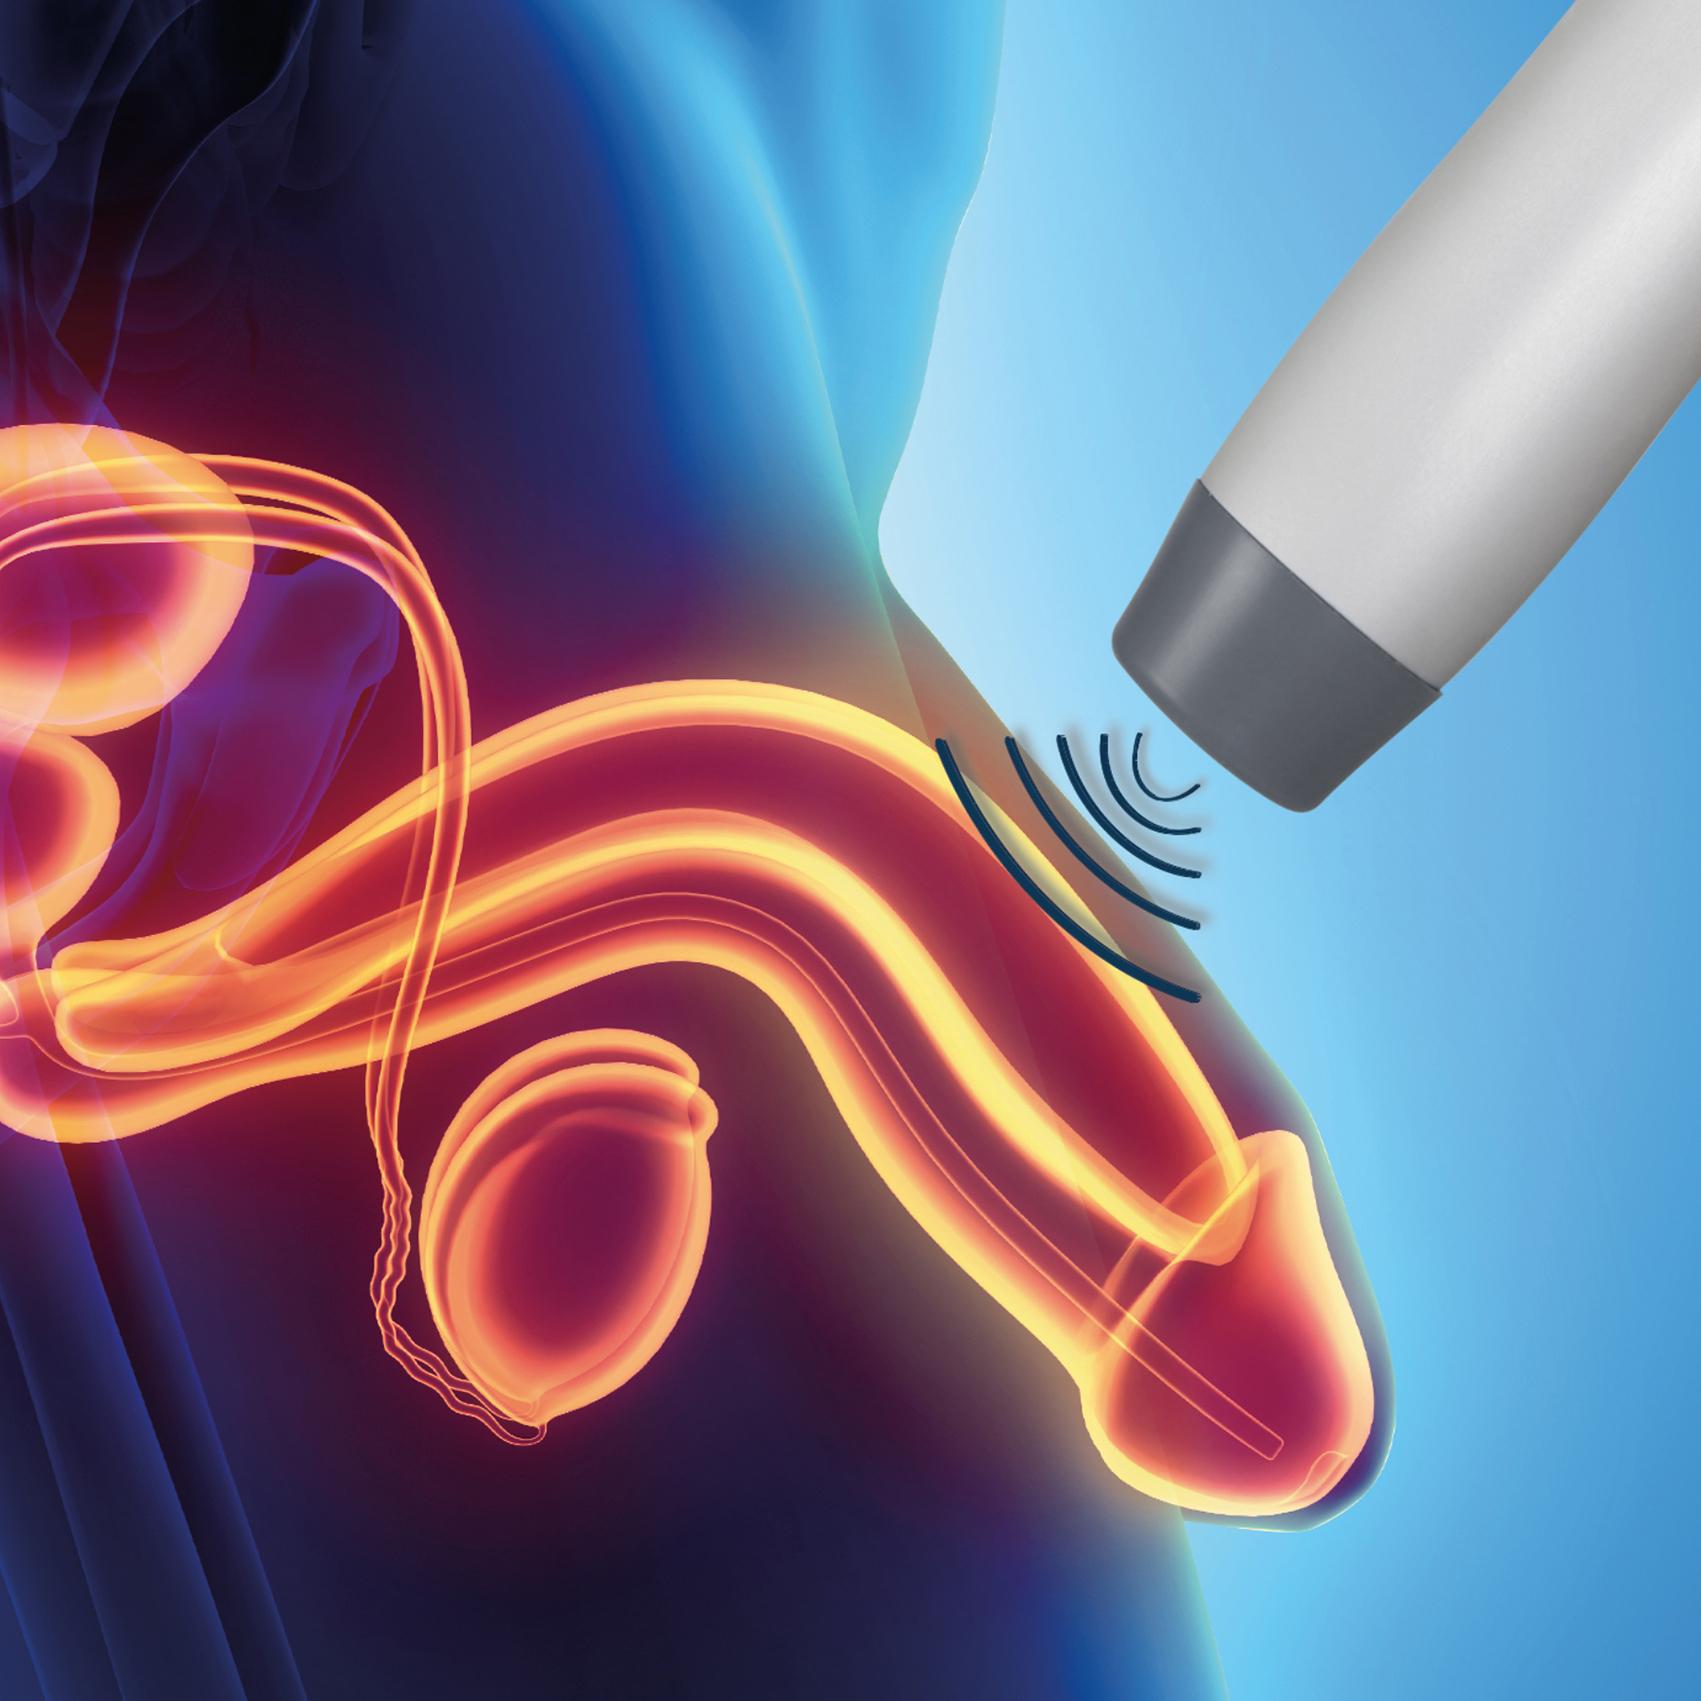 ESWT (Şok Dalga Tedavisi) & Penis PRP Tedavisi - Üroloji Hastalıkları